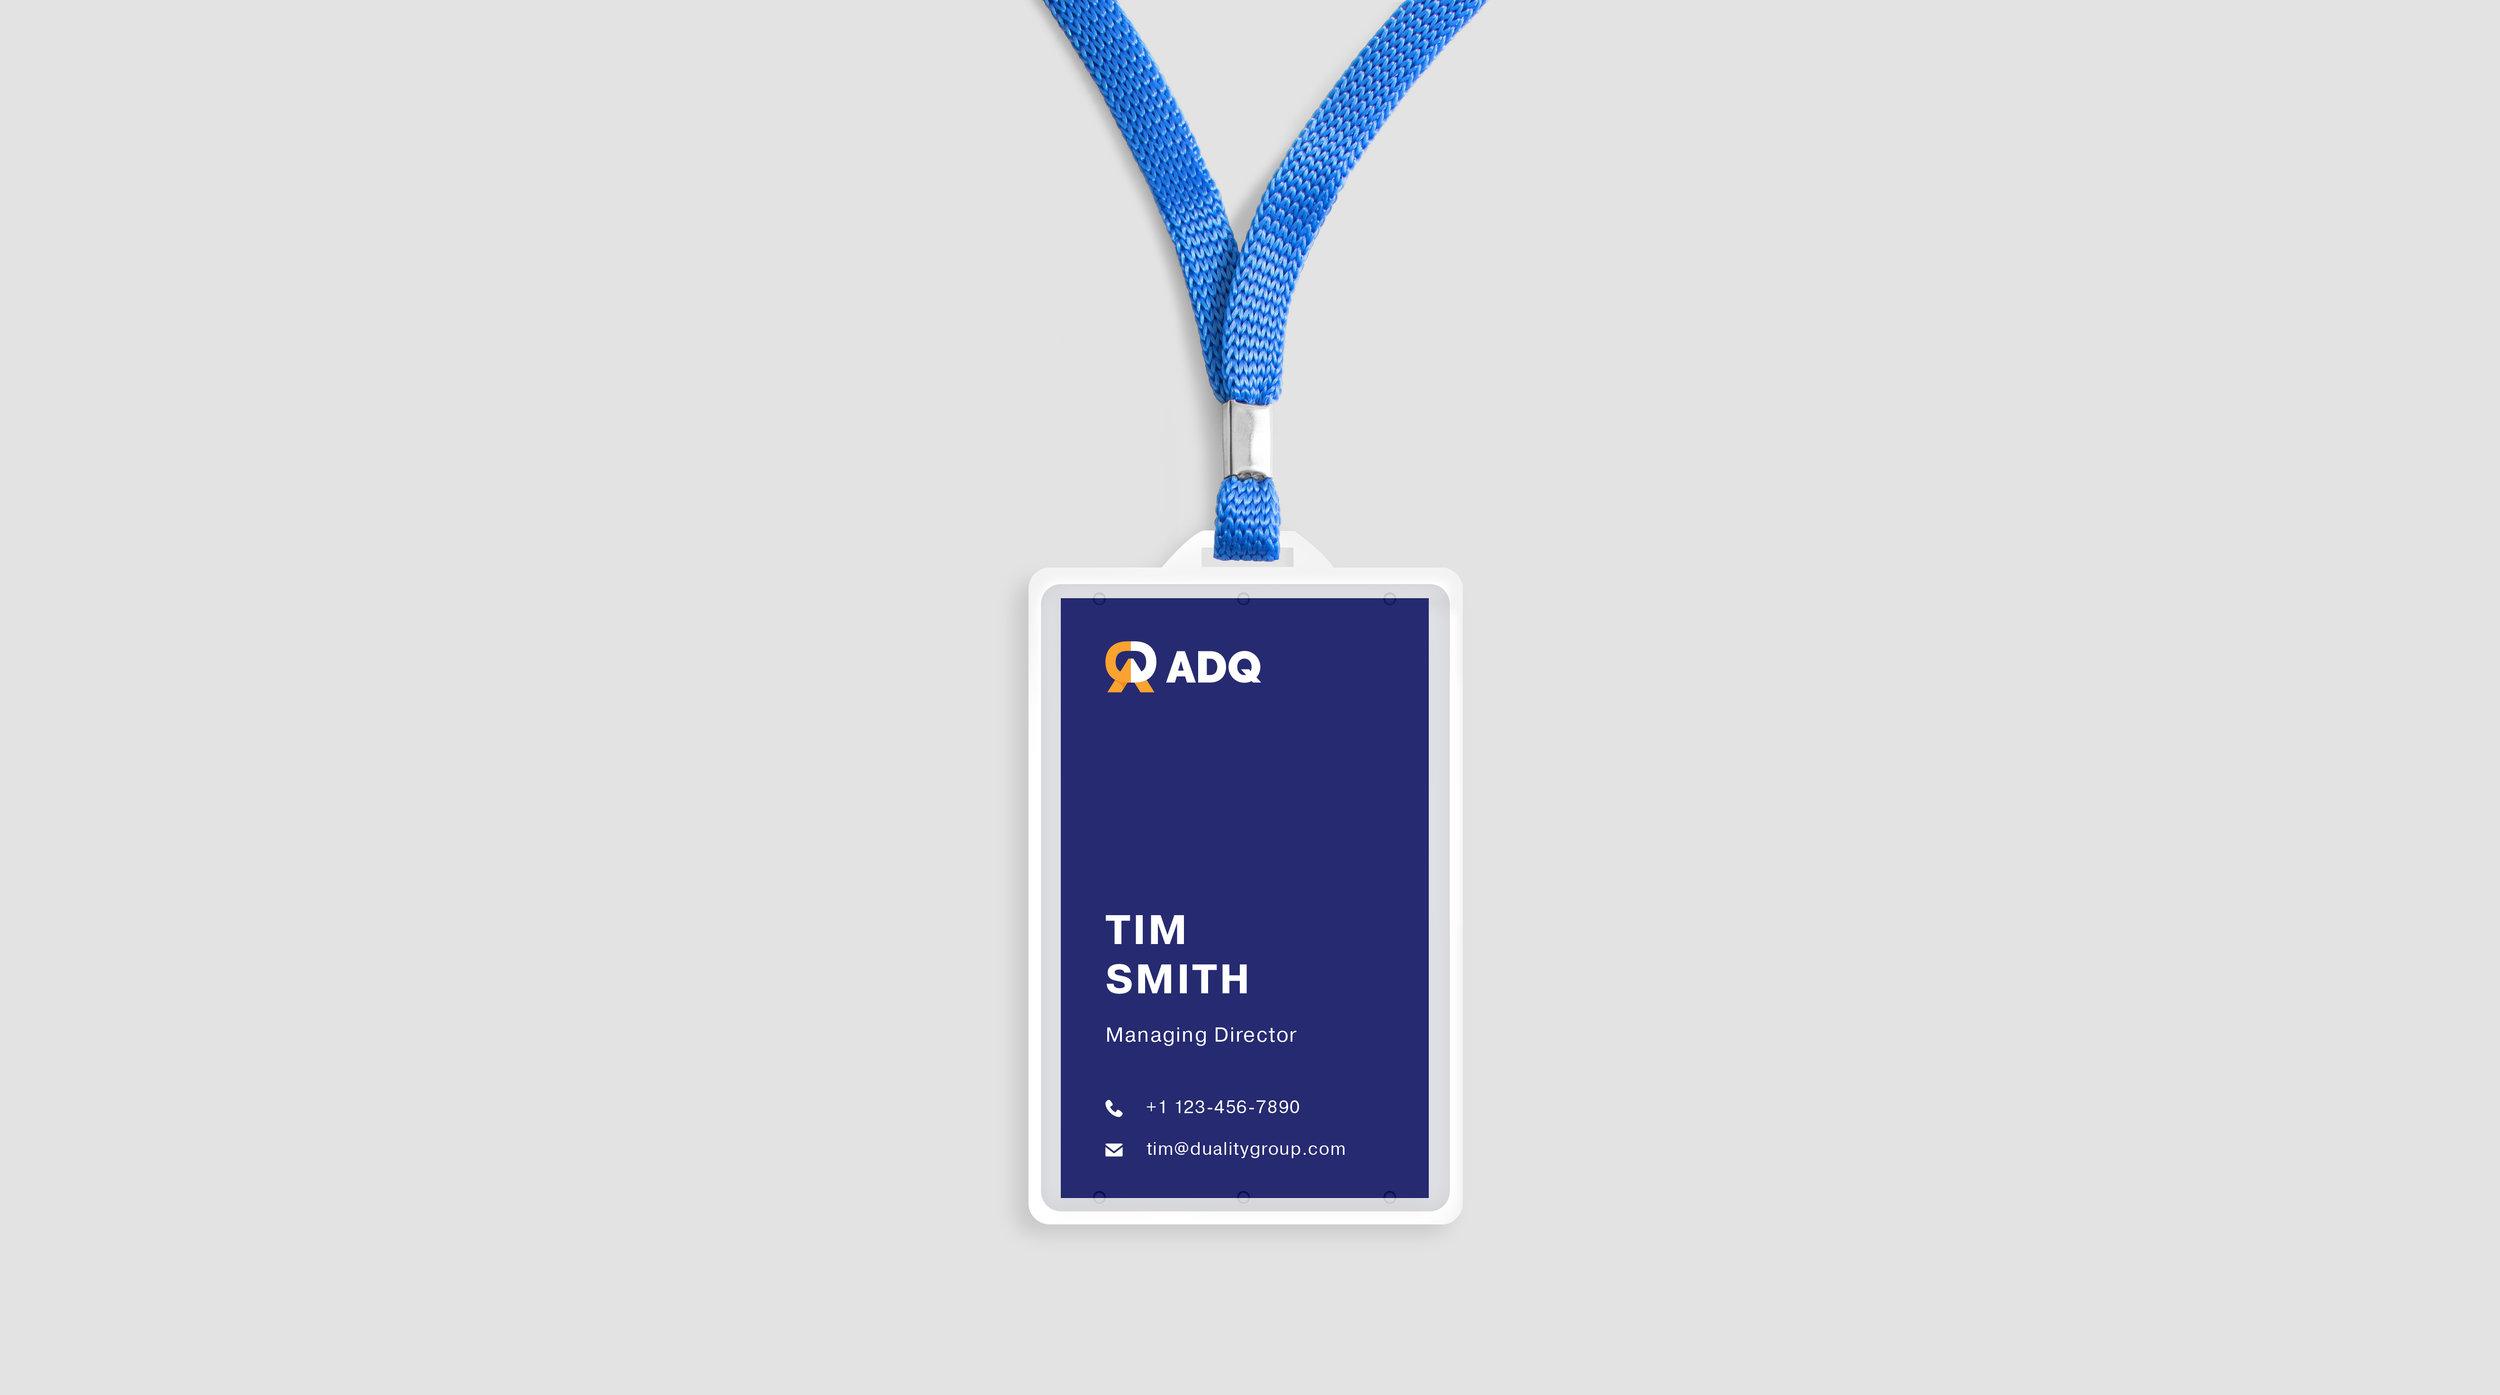 ADQ Name Tag Mockup 2.jpg